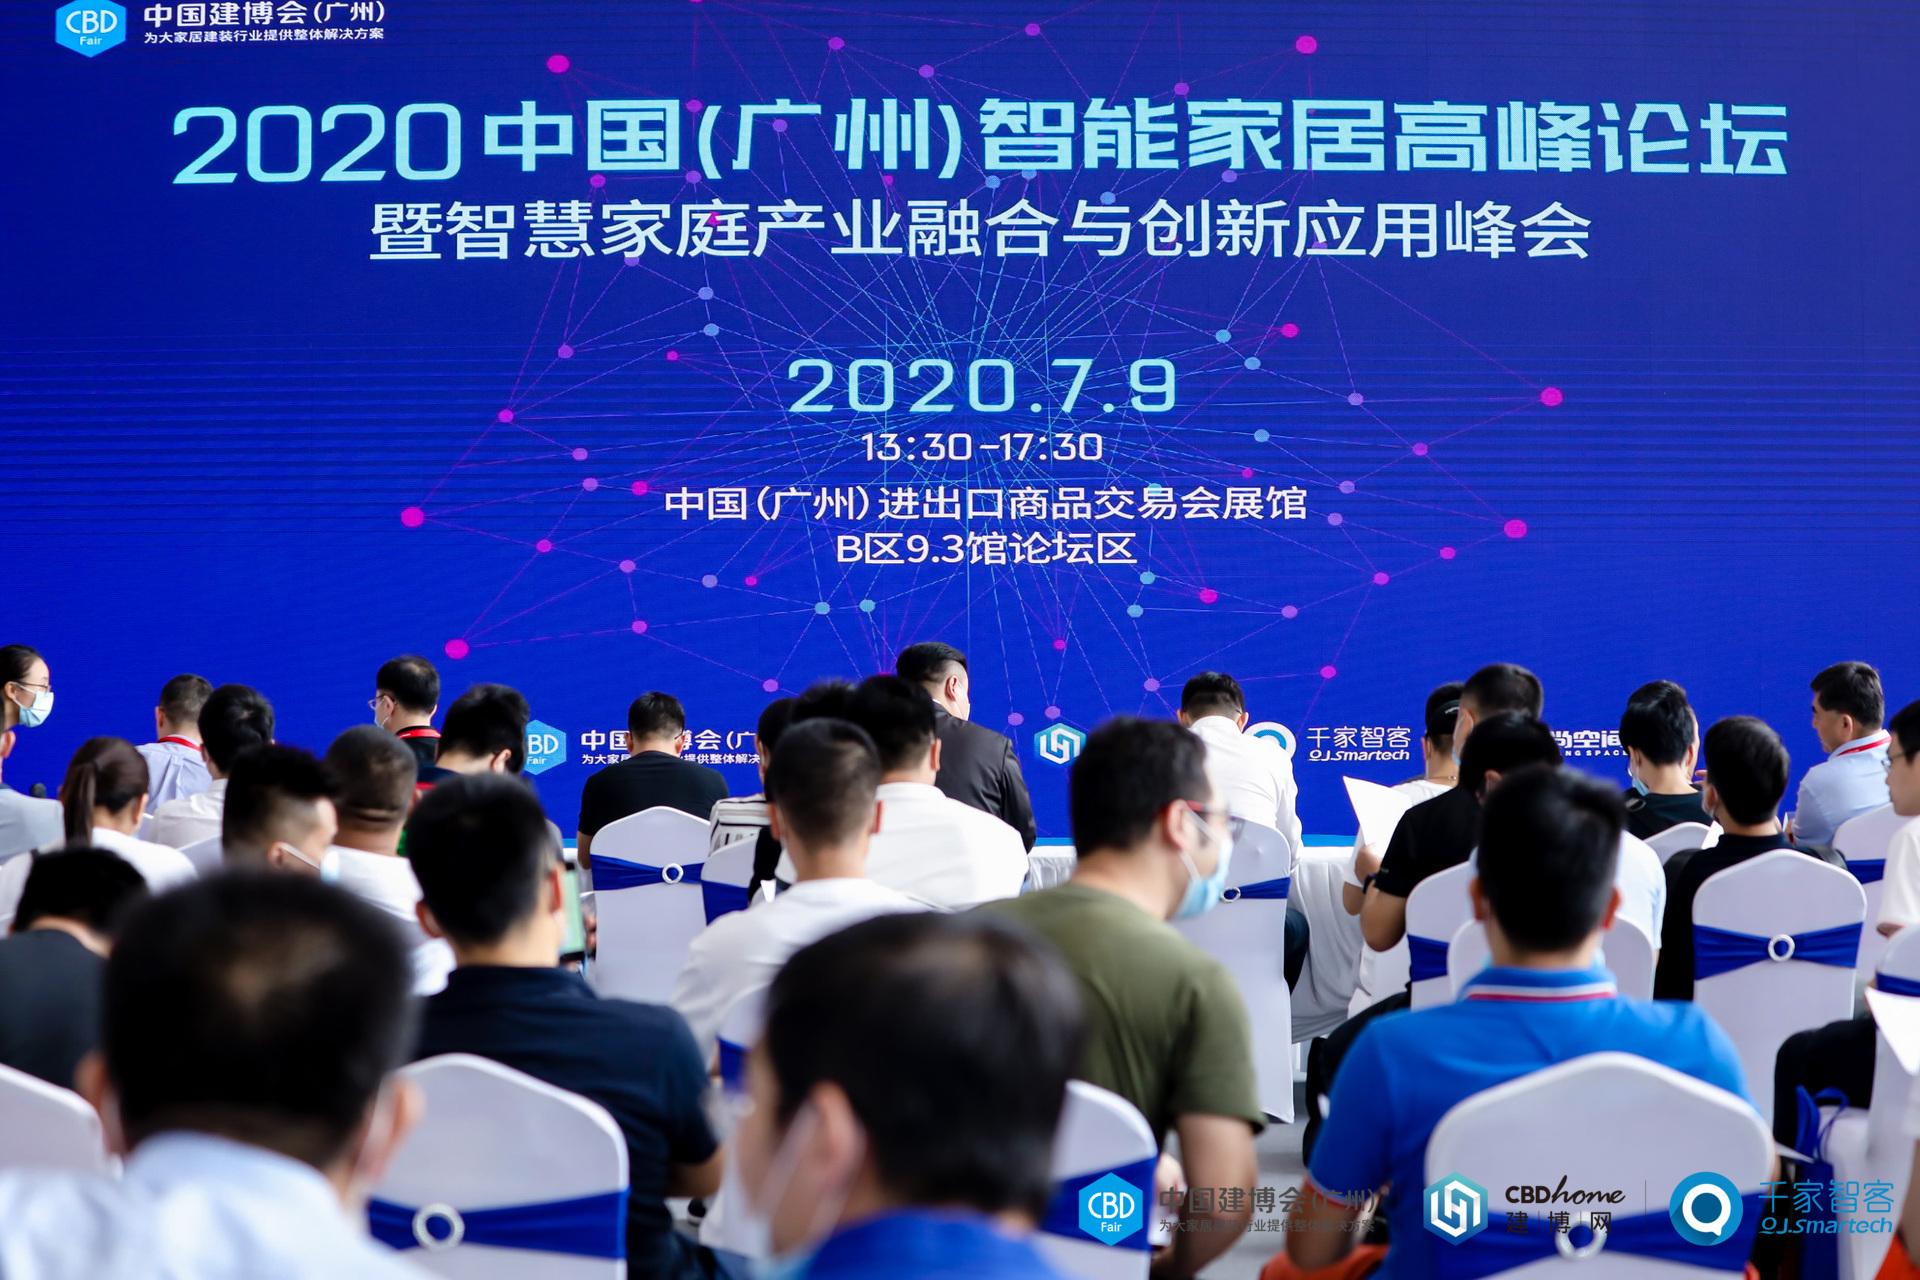 2020中国(广州)智能家居高峰论坛——暨智慧家庭产业融合与创新应用峰会圆满举办!